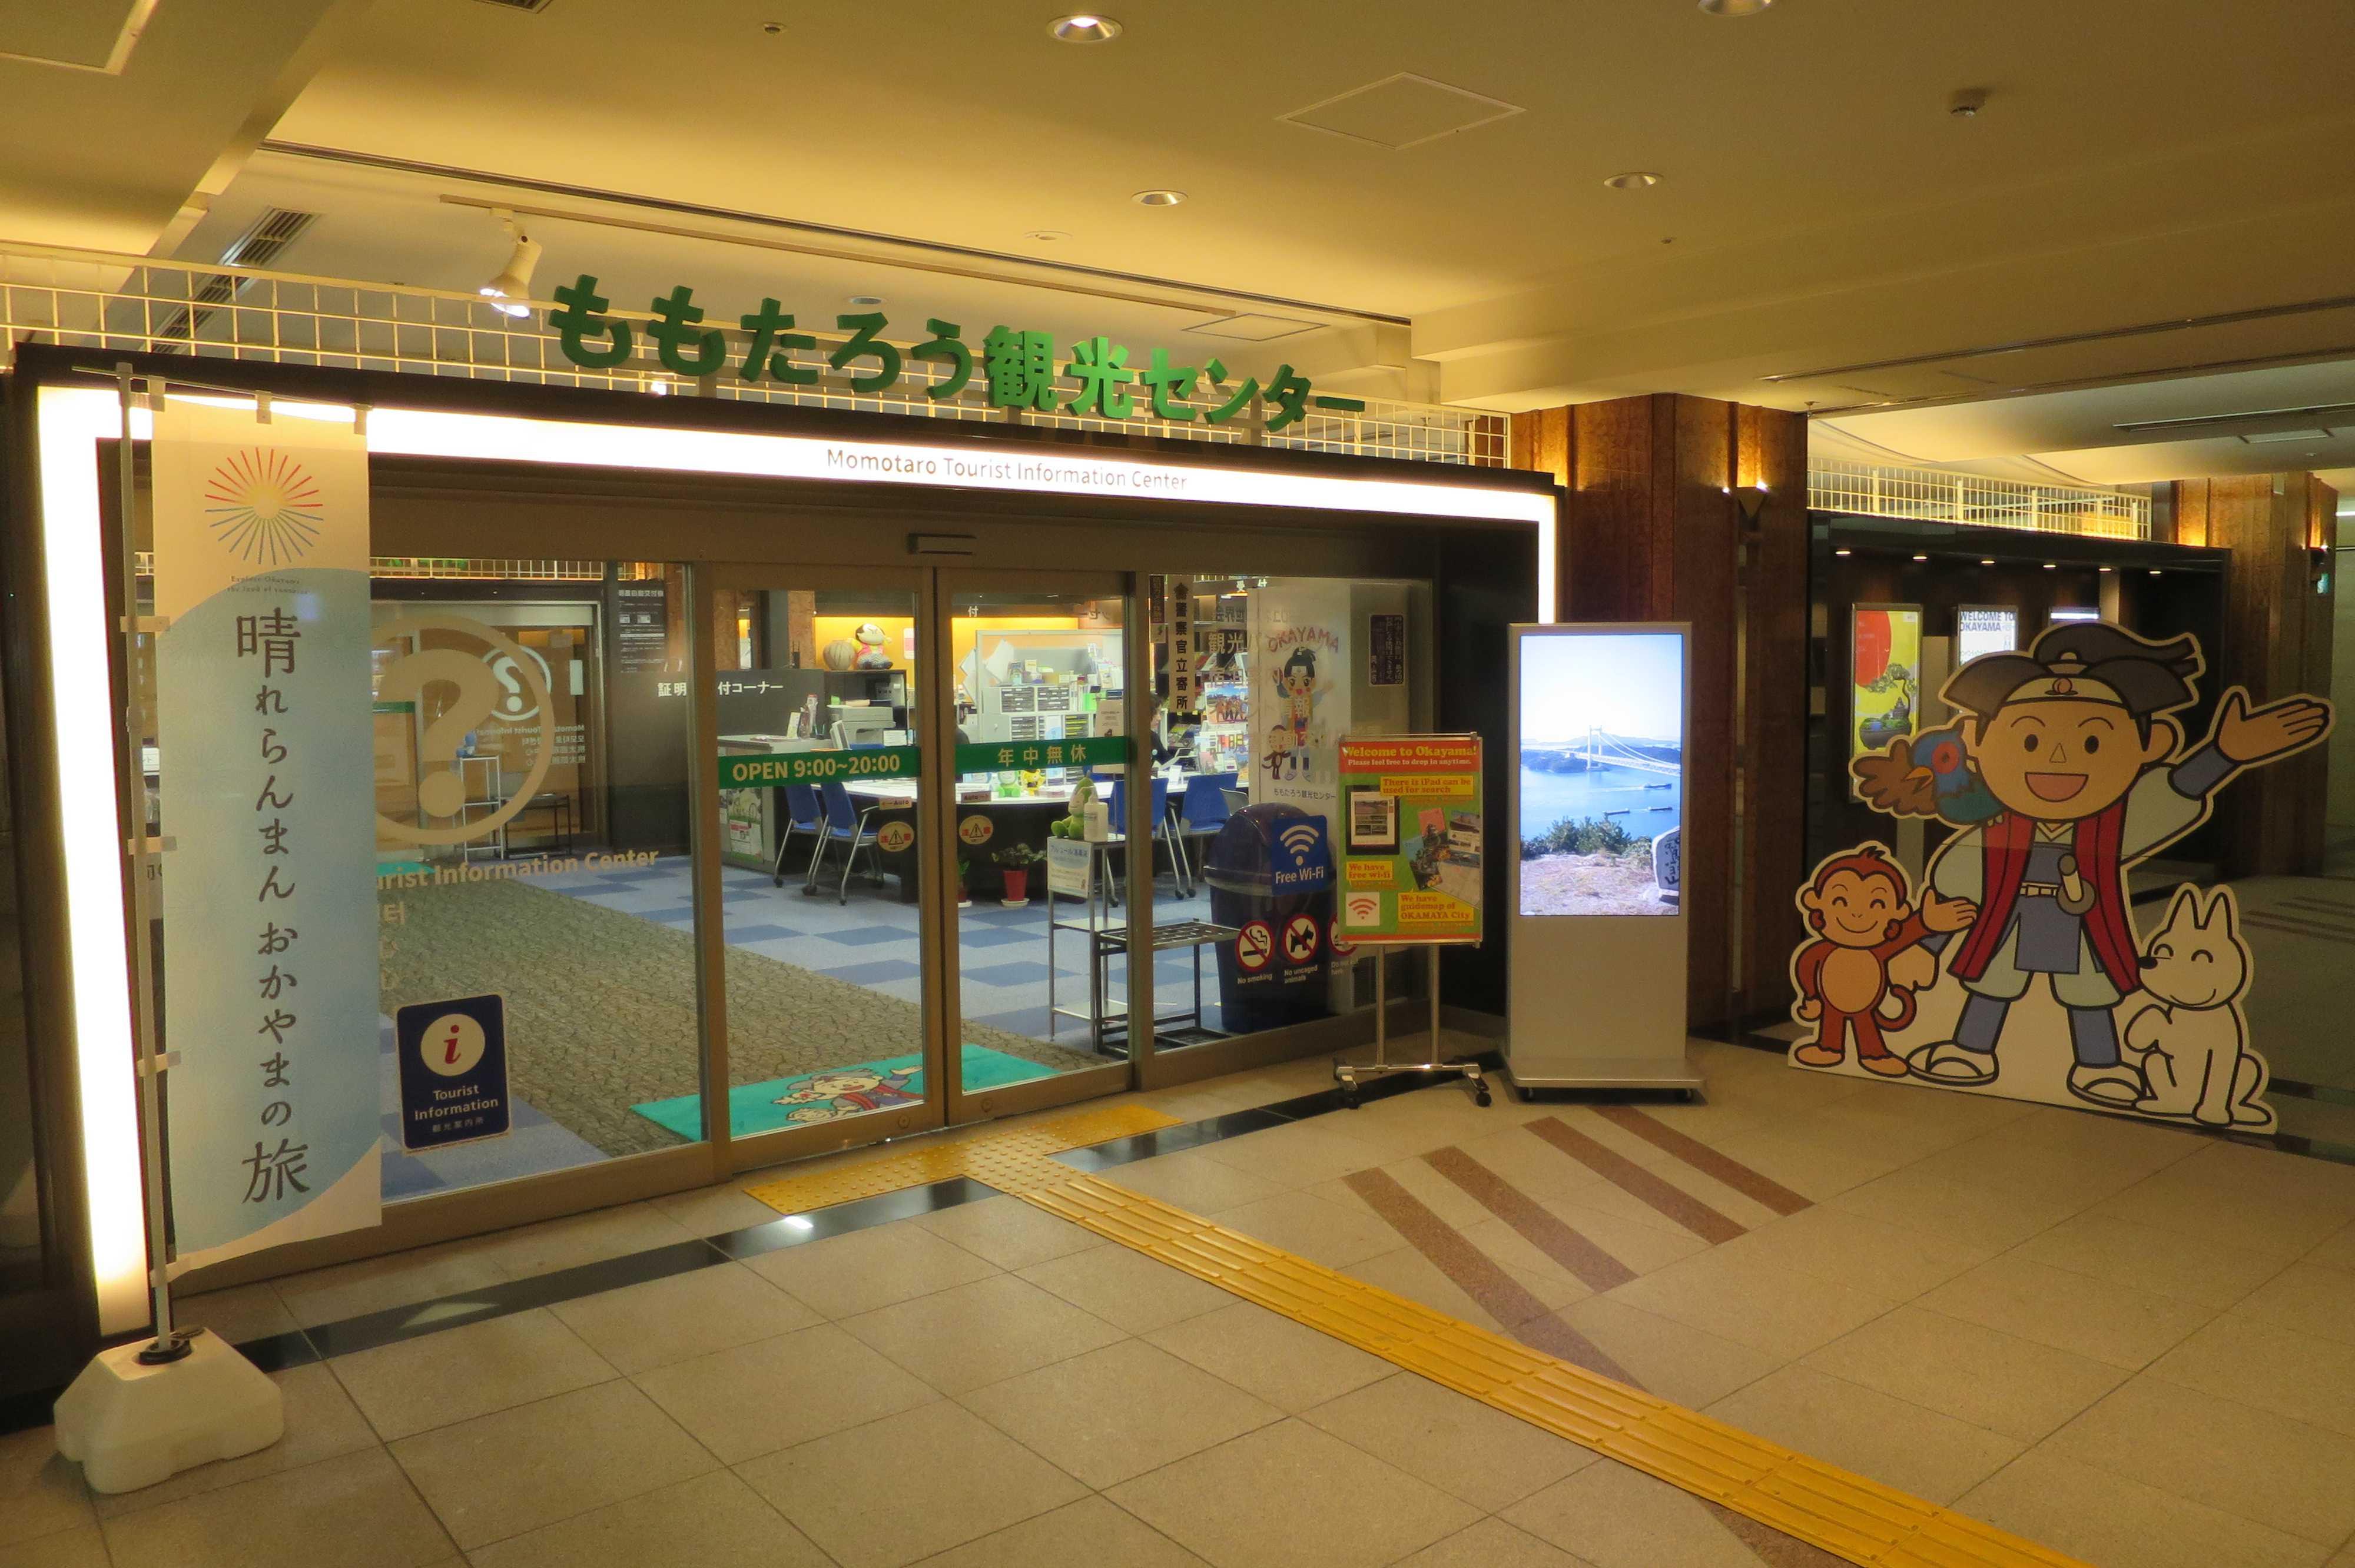 JR岡山駅地下 ももたろう観光センター